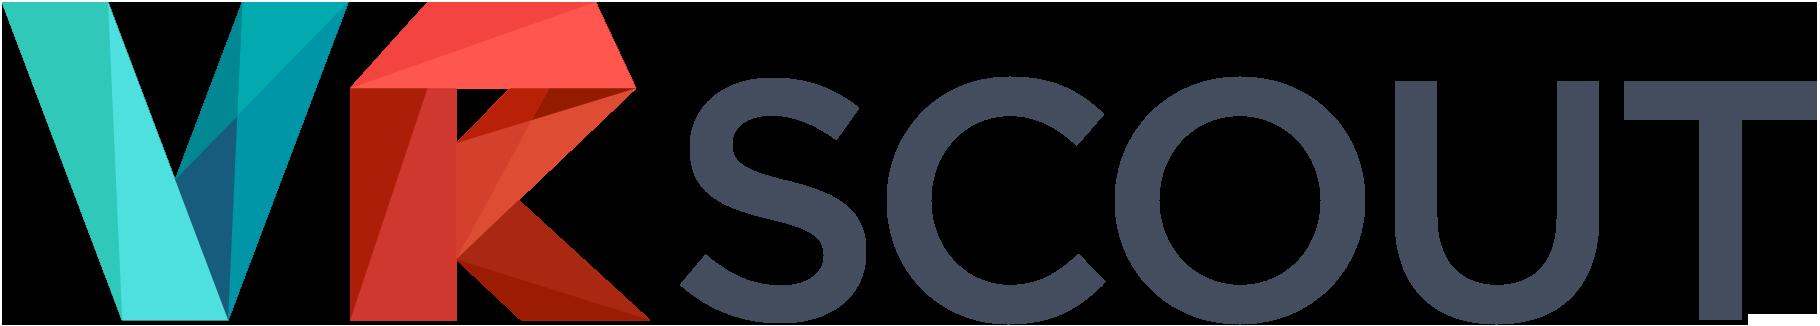 vrscout-logo-vr ar vrara.png